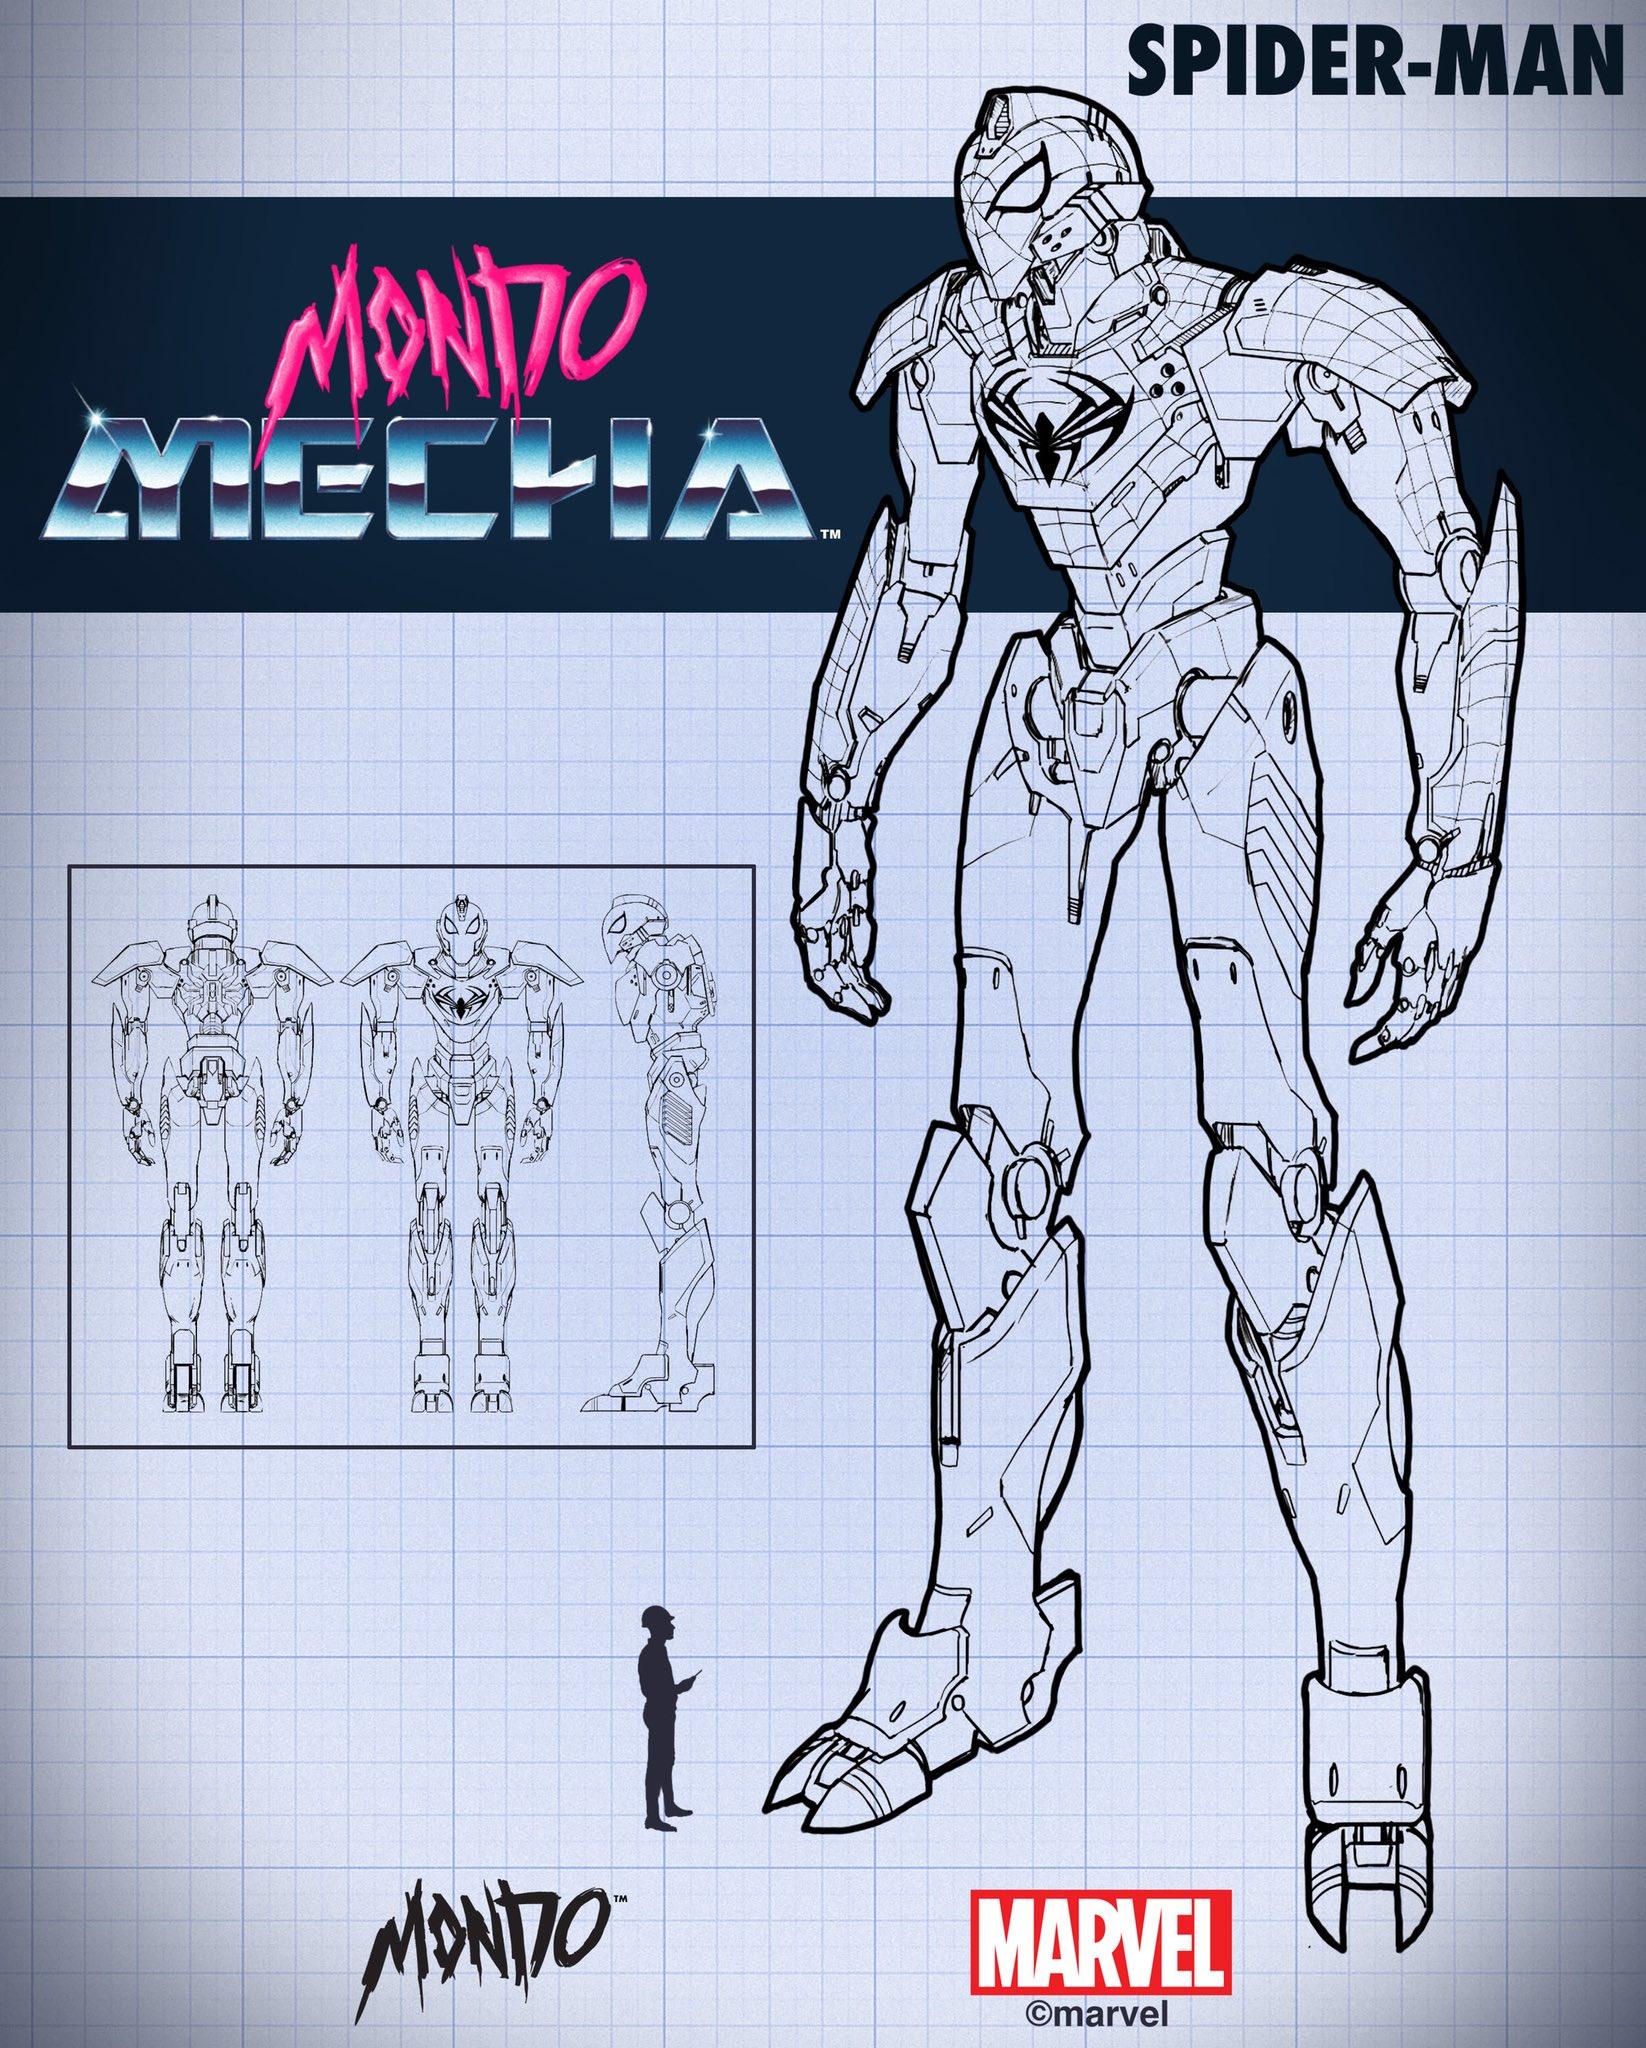 Mondo スパイダーマン ロボット